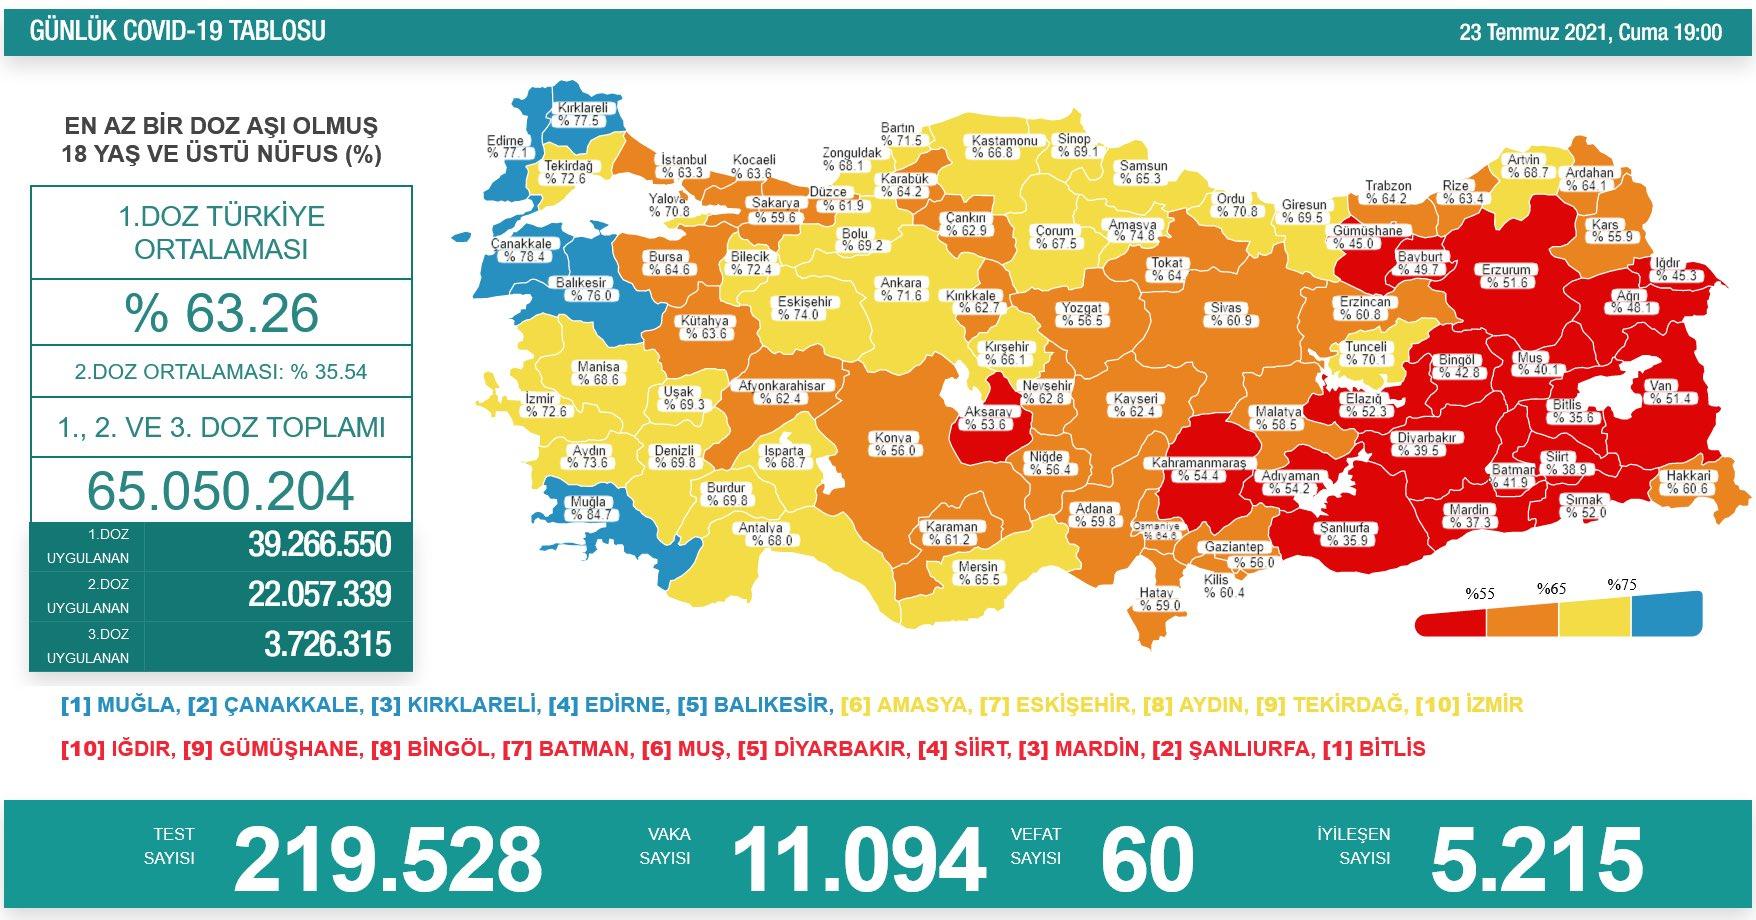 23 Temmuz 2021 Cuma Türkiye Günlük Koronavirüs Tablosu | Bugünkü korona tablosu | Vaka ve ölüm sayısı kaç oldu?